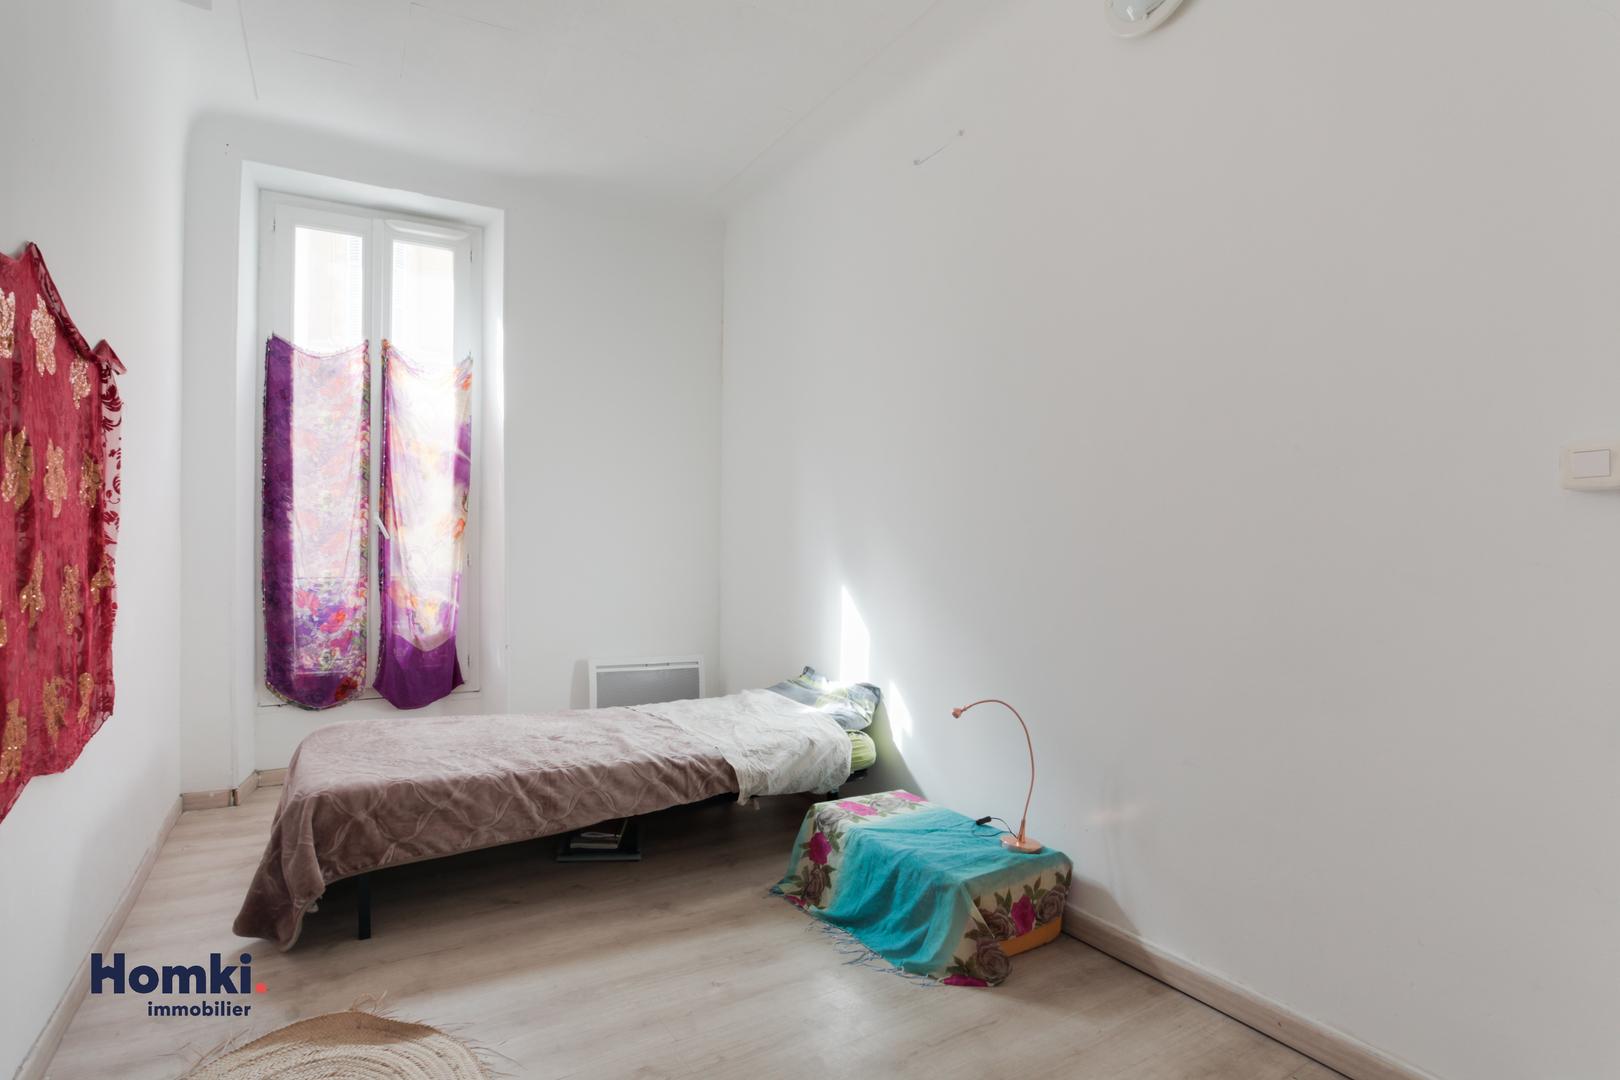 Vente Appartement 41 m² T3 13005_5